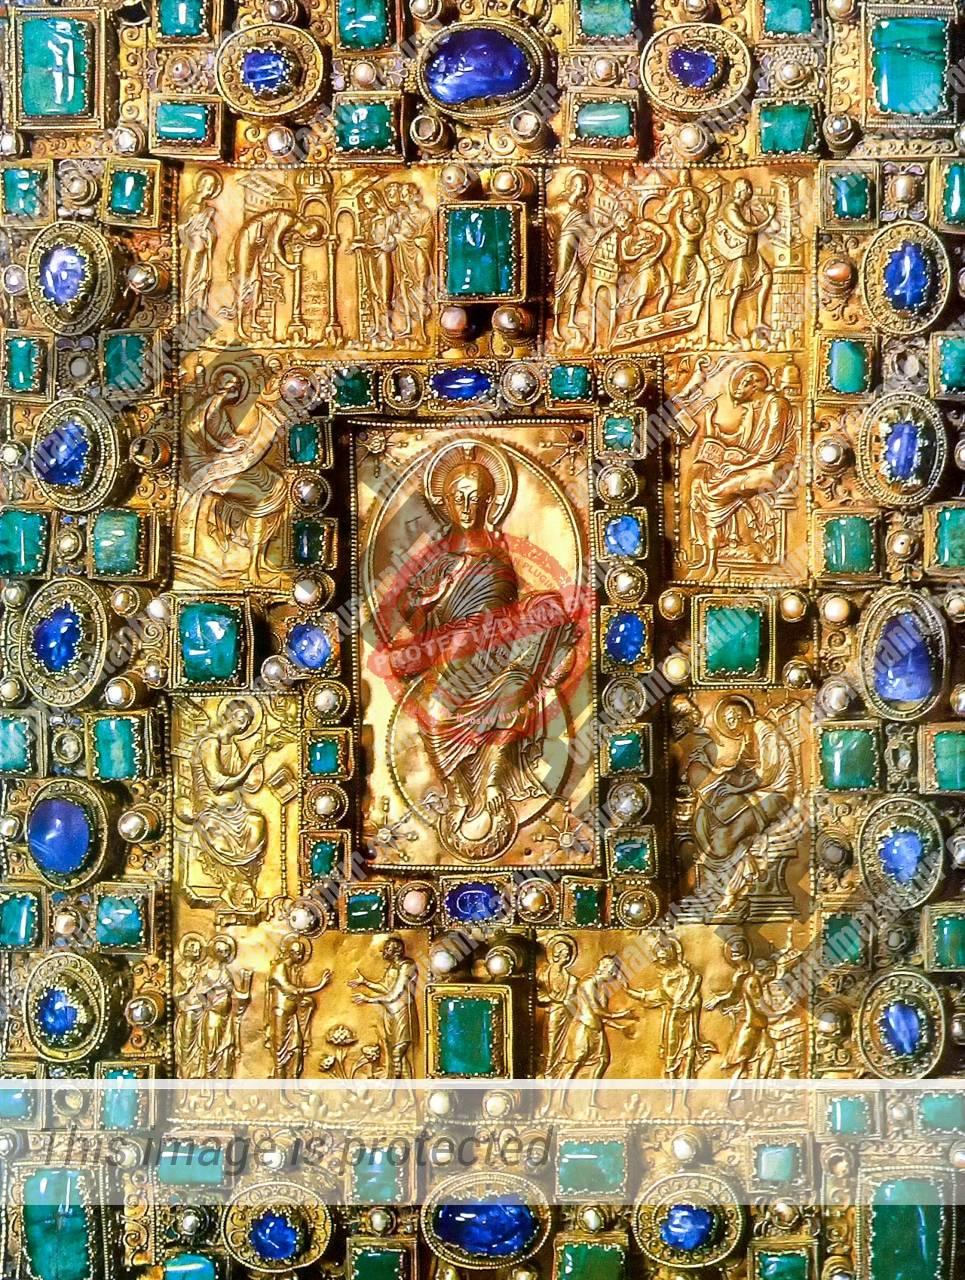 Codex Aureus 870 AD Medieval Arts